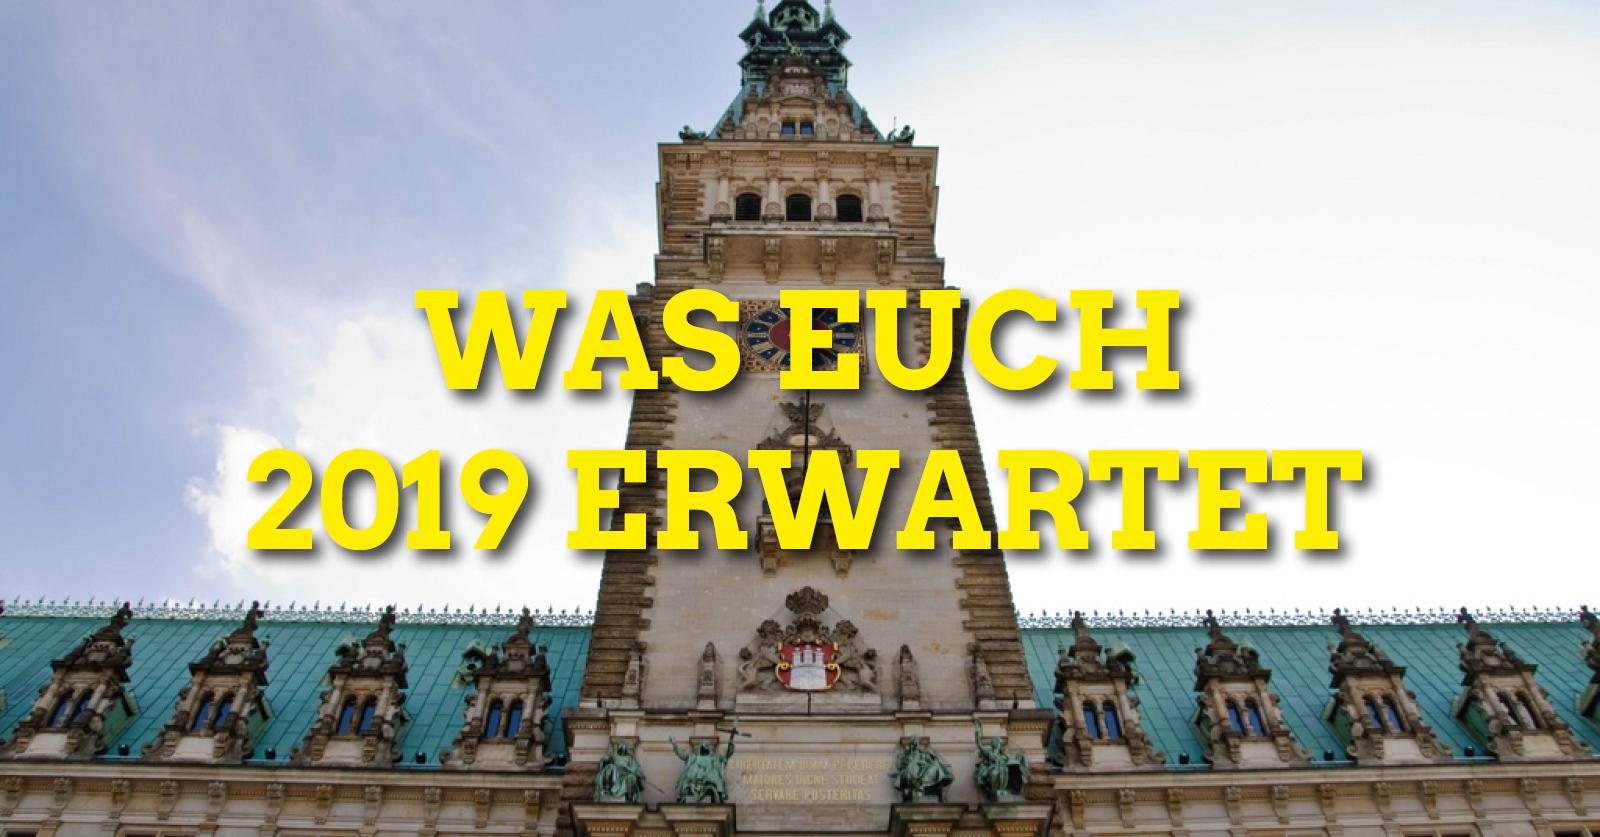 """Teilansicht des Hamburger Rathauses, darauf der Text """"Was euch 2019 erwartet"""""""